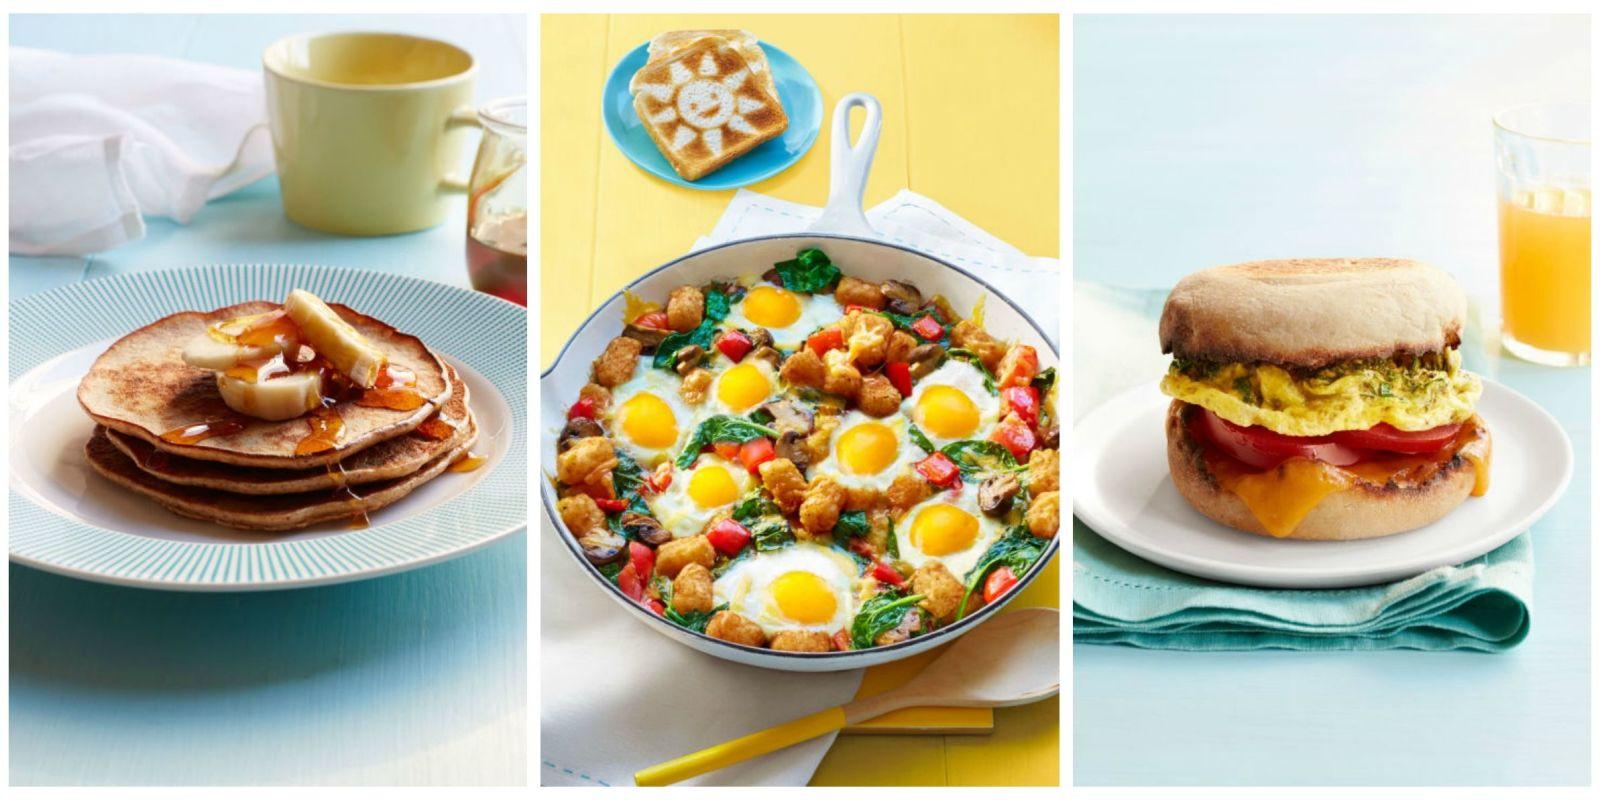 49 Easy Kid Friendly Breakfast Recipes - Quick Breakfast